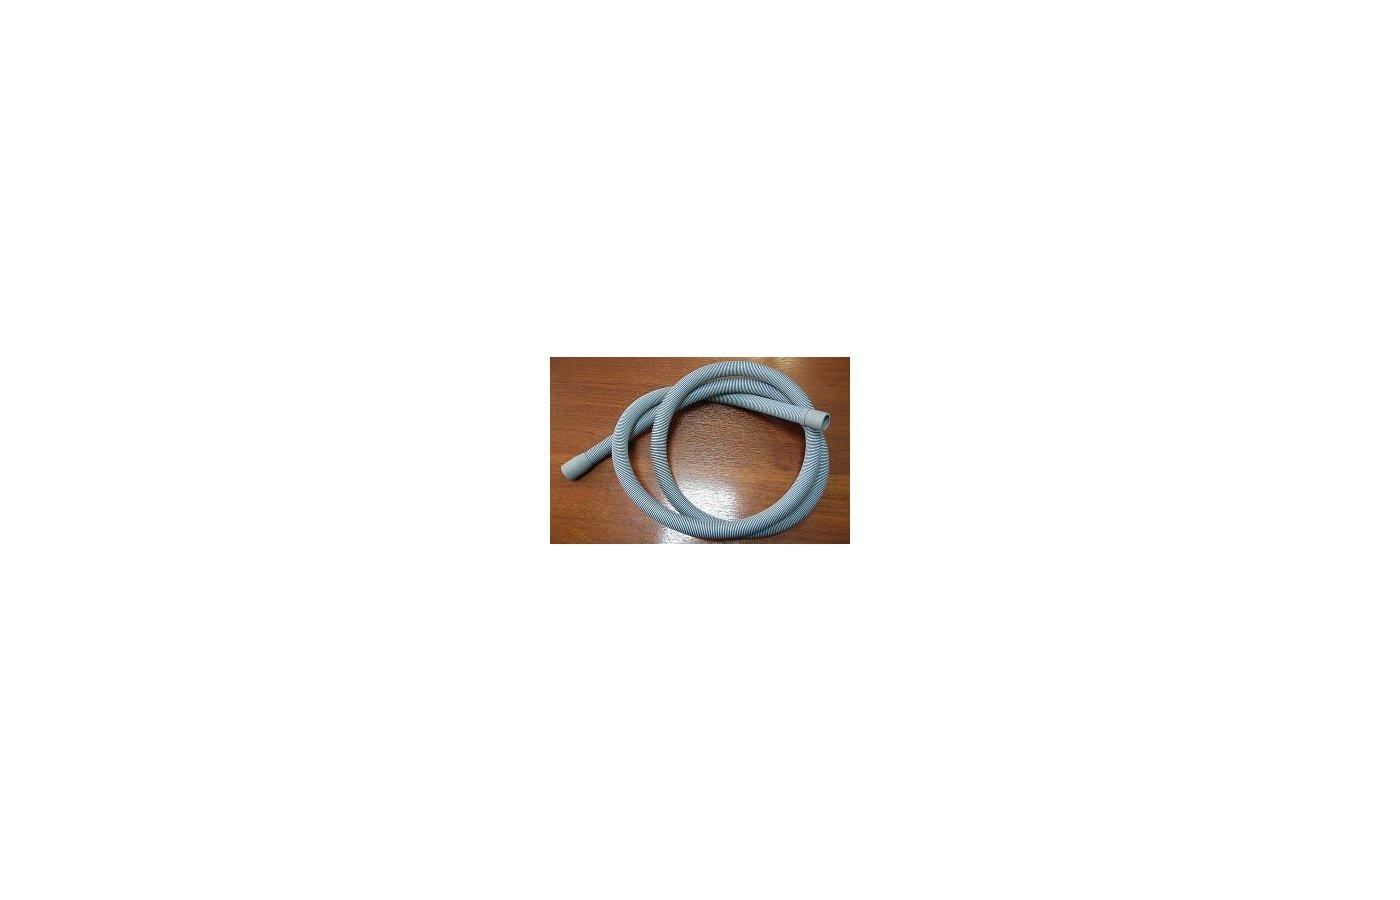 Аксессуары для подключения стиральных машин TSG 18/22 Шланг слив. для СМА 4 м